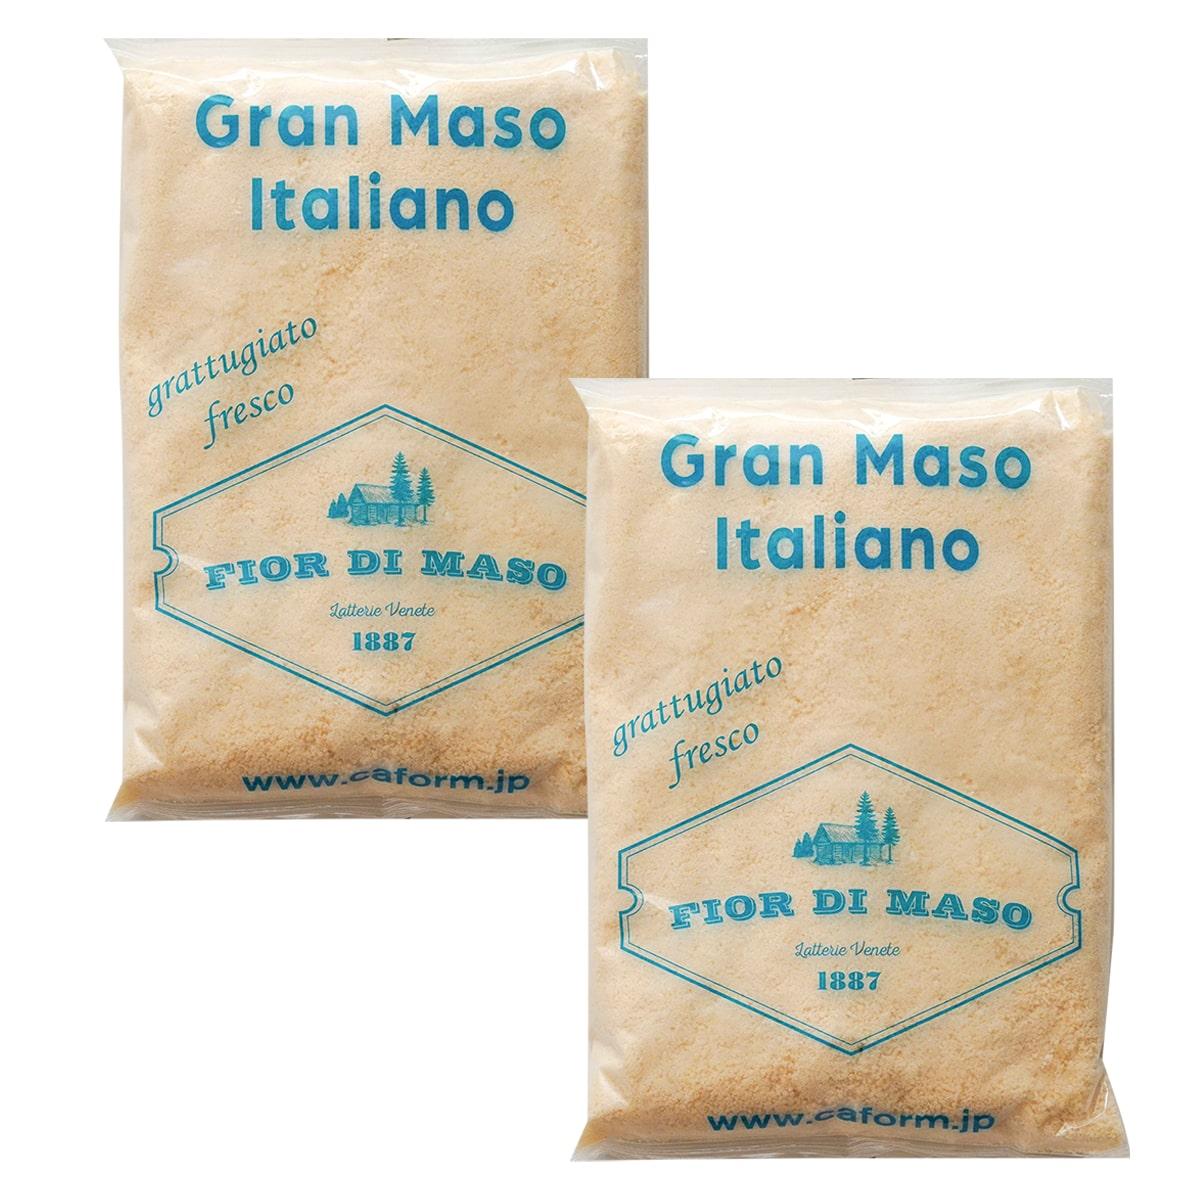 数量は多 粉チーズ 料理に大活躍 グランマーゾ パウダー 料理用 業務用 grated-cheese イタリアン 冷凍保存可能 リゾット ピザ 特価 1kg×2袋 ナチュラルチーズ パスタ 料理用チーズ